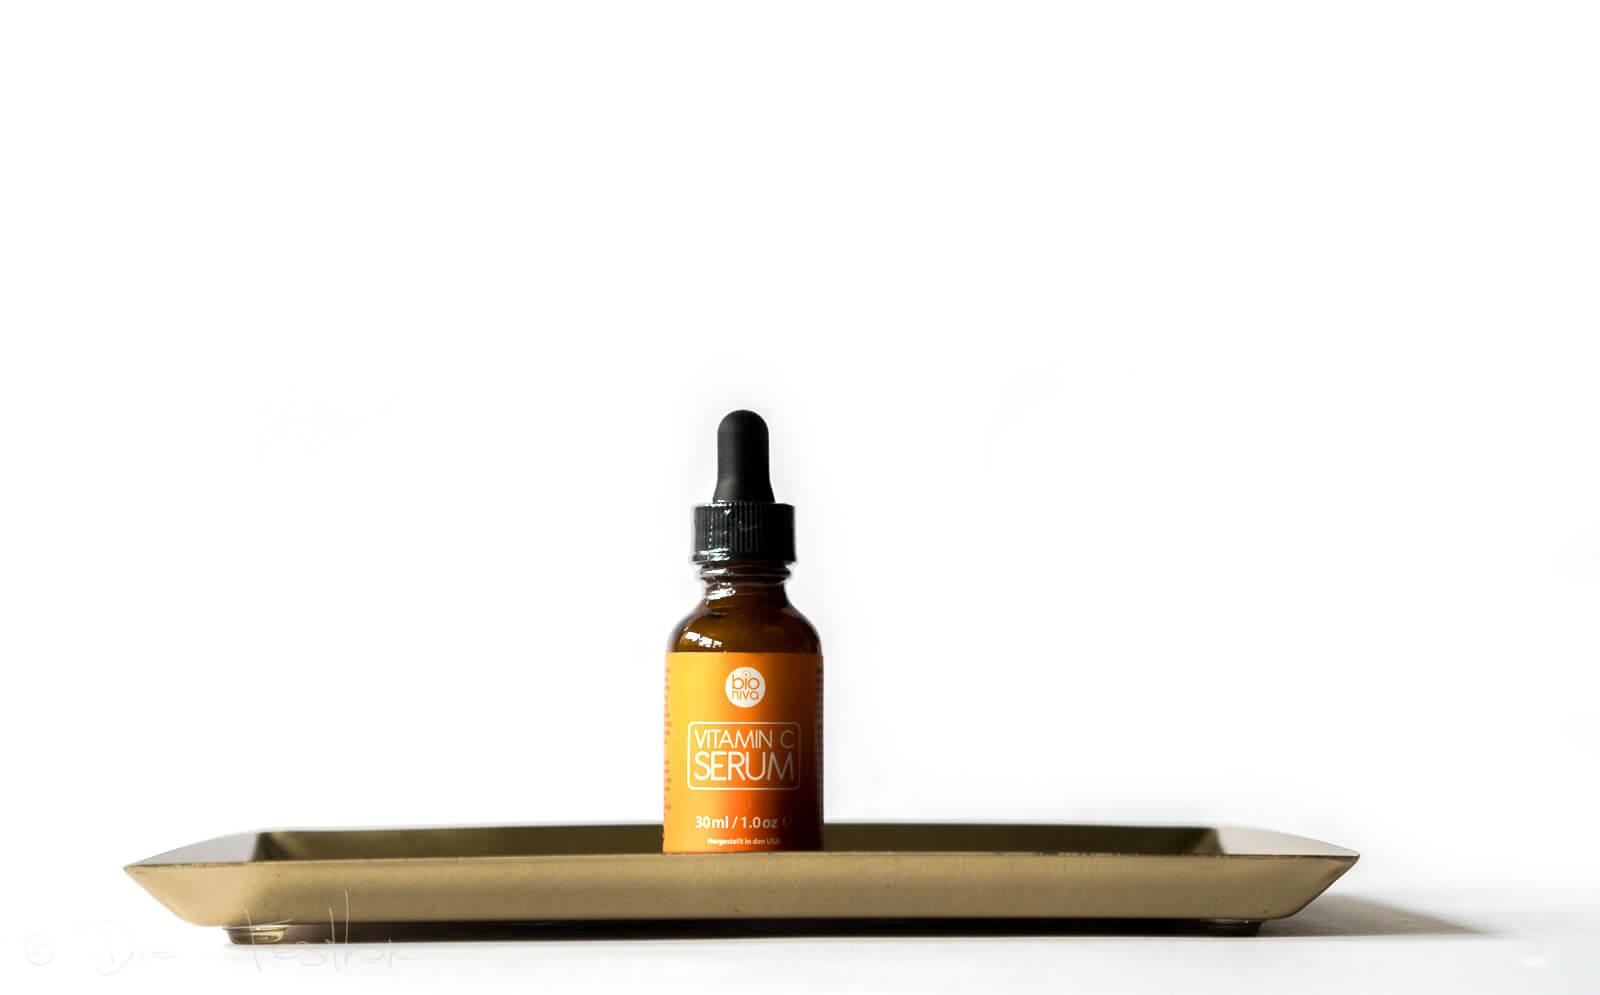 Vitamin C Serum vonBioniva